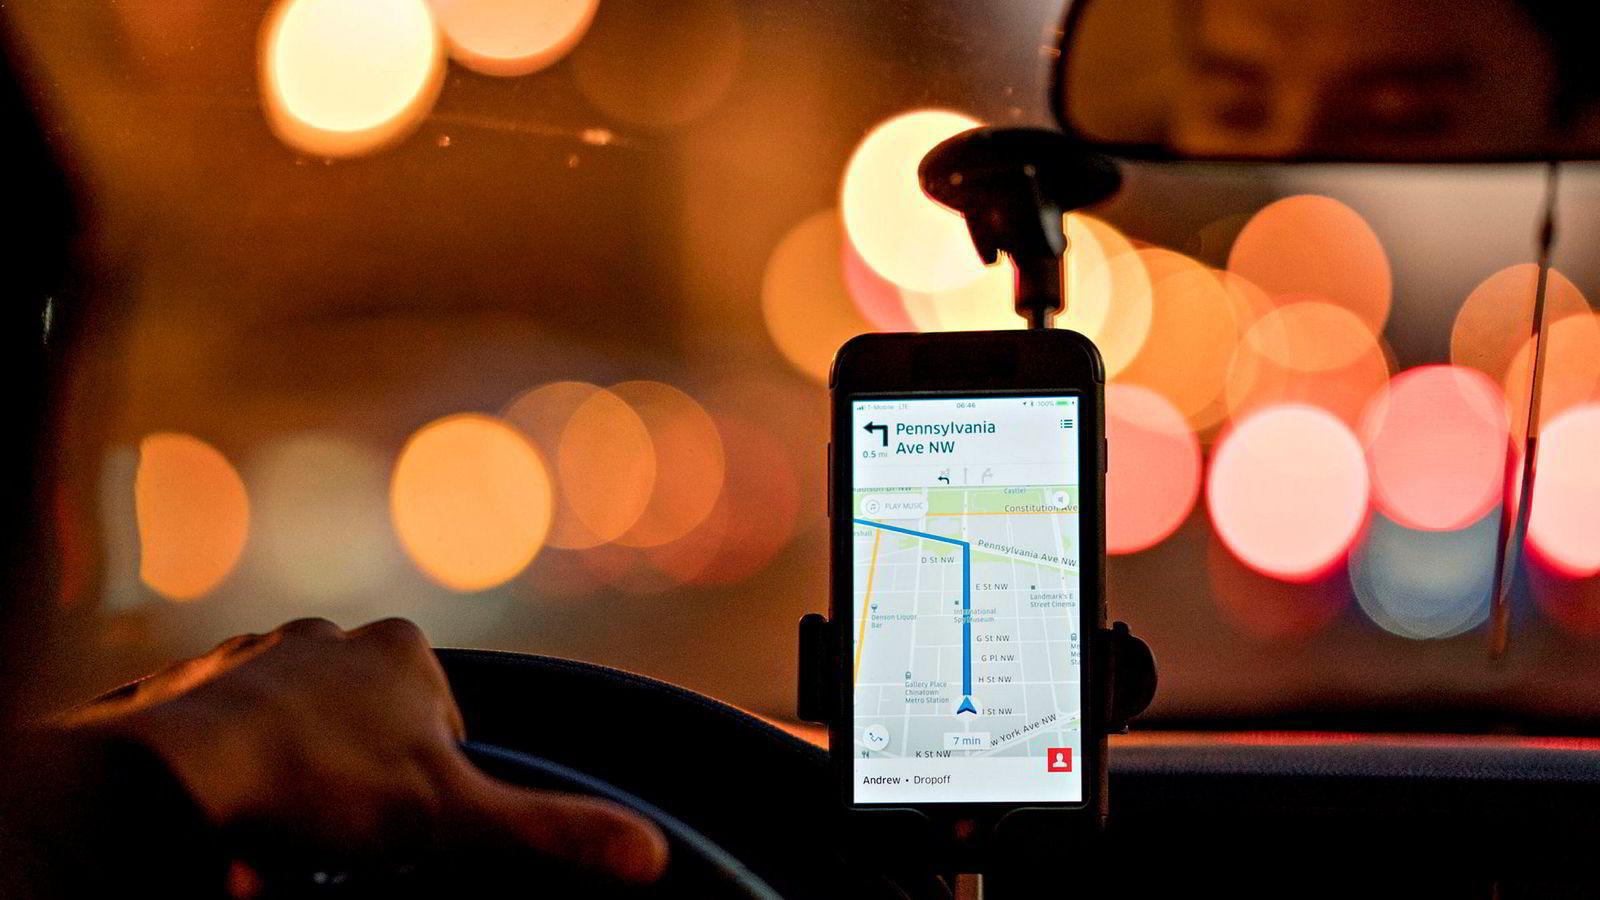 Uber er godt eksempel på en virksomhet som har skapt noe nytt ved bruk av teknologi som er tilgjengelig. Uber utnyttet muligheten som ligger i smarttelefonen, samt plattformøkonomiens transparens, for å koble sjåfør og passasjer.